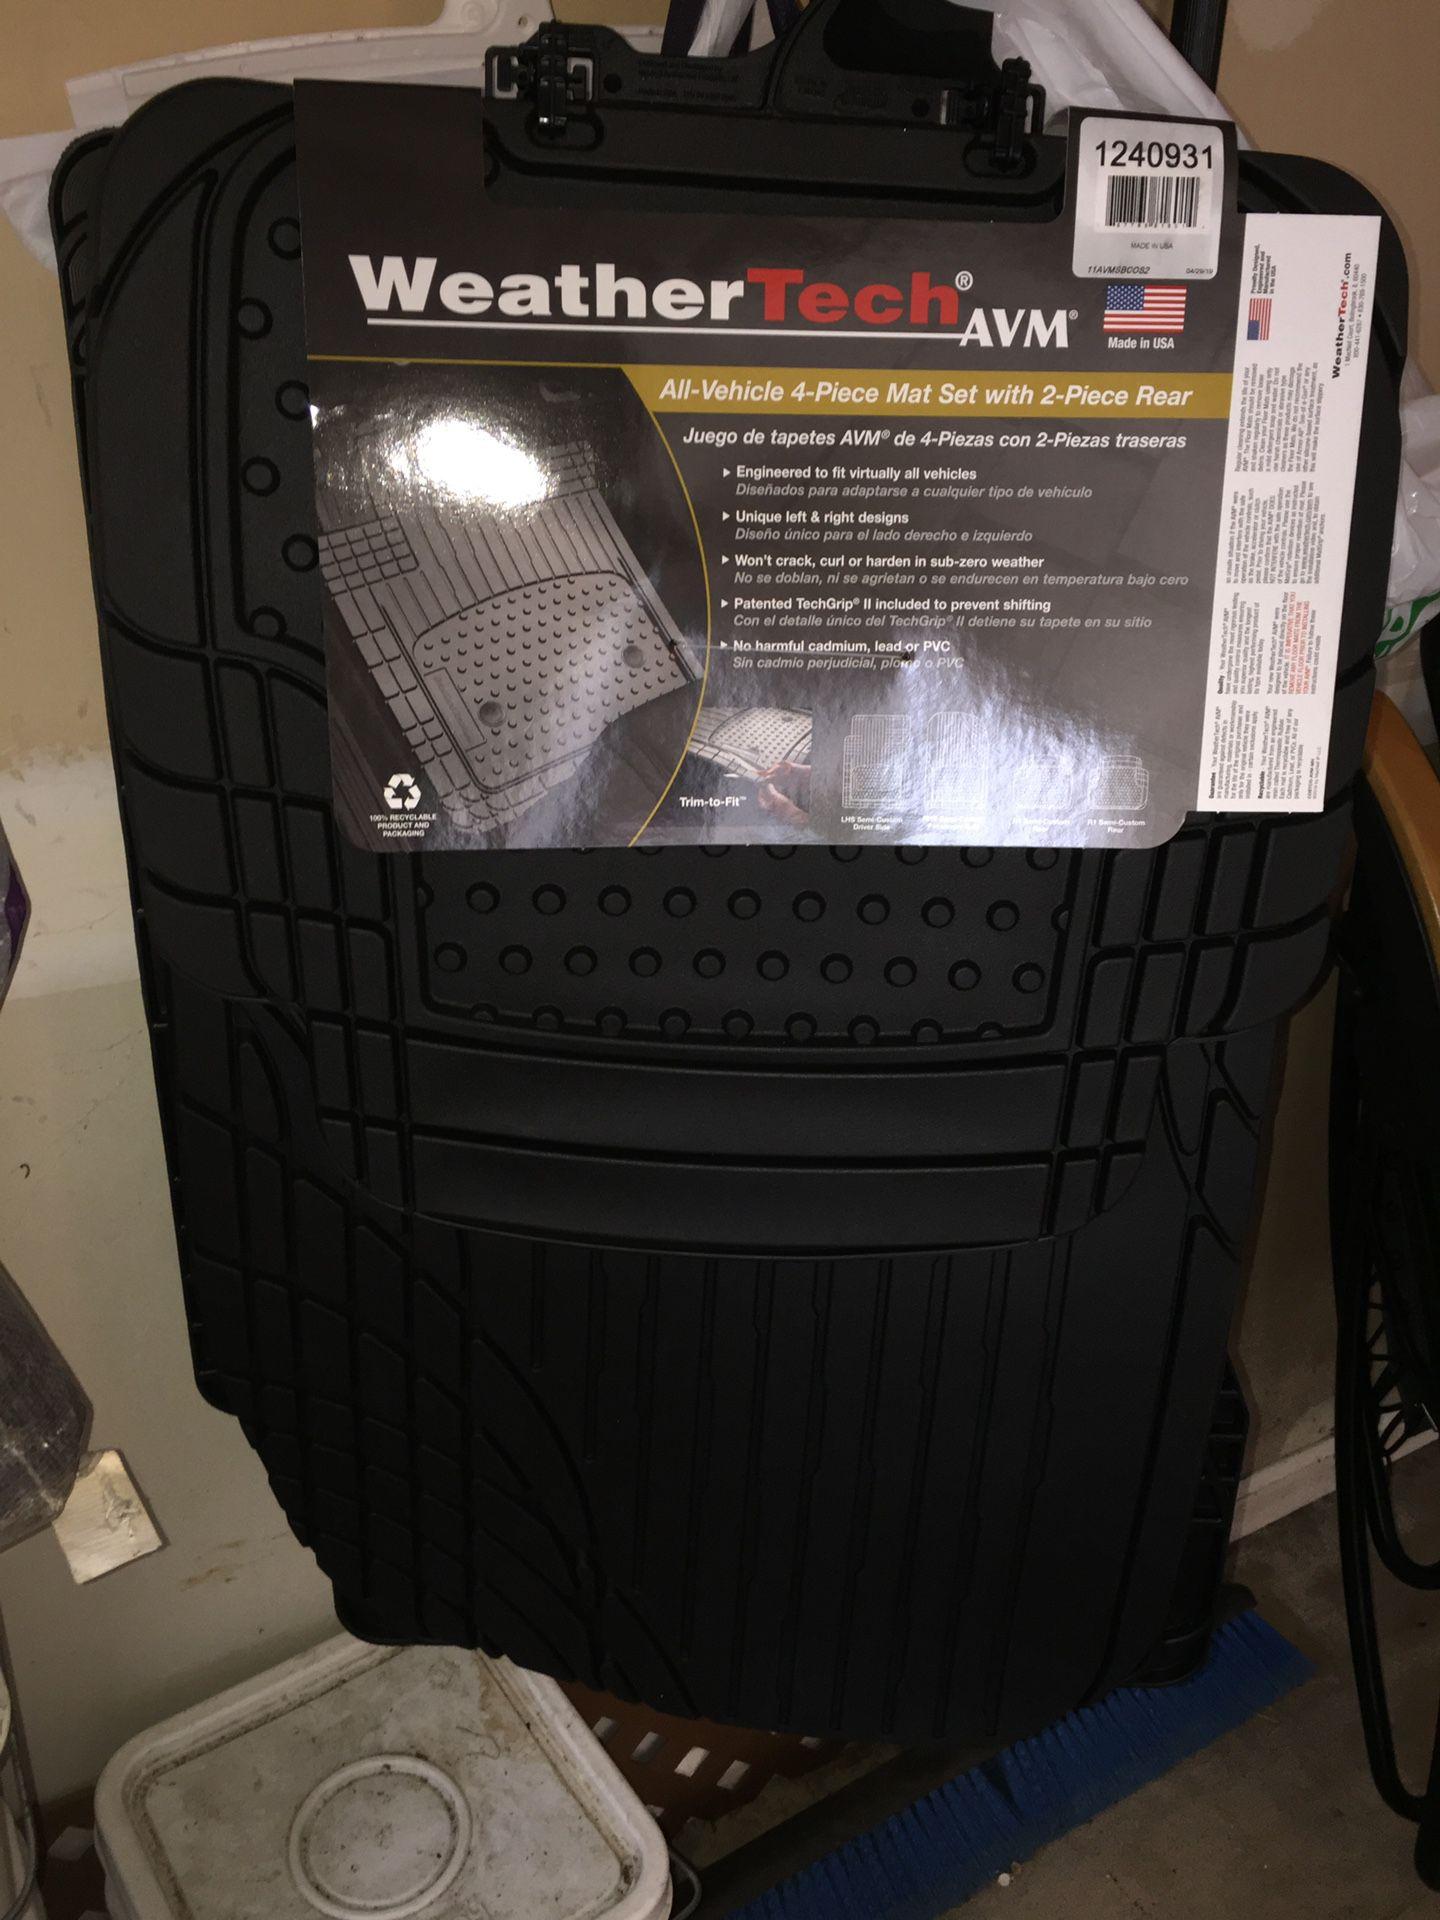 WeatherTech AVM Set of 4 Car Mats *BRAND NEW